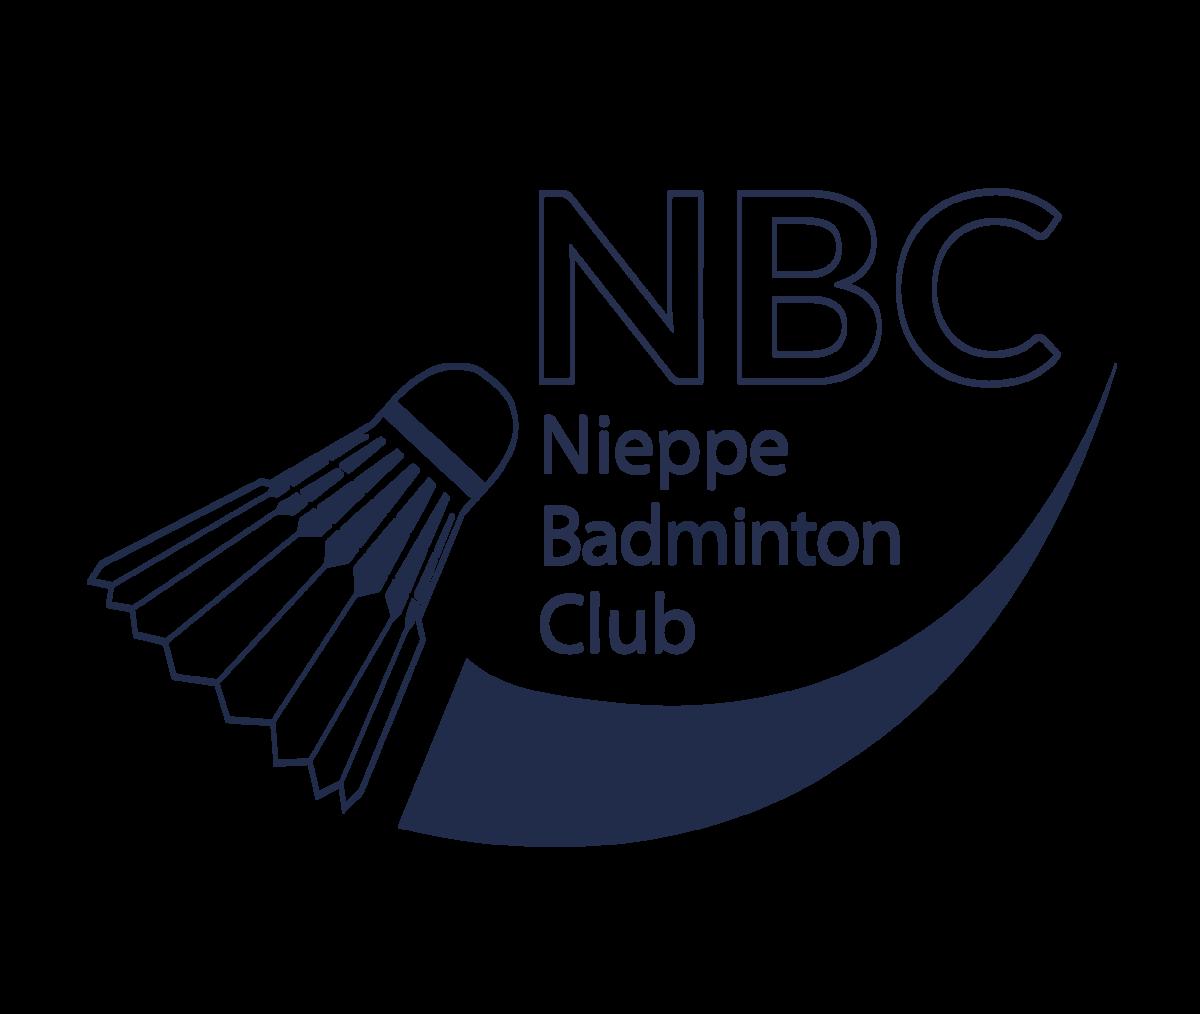 Image_logo-nbc59--0-0--229934e6-994a-4a9a-9e28-acd0b2375041